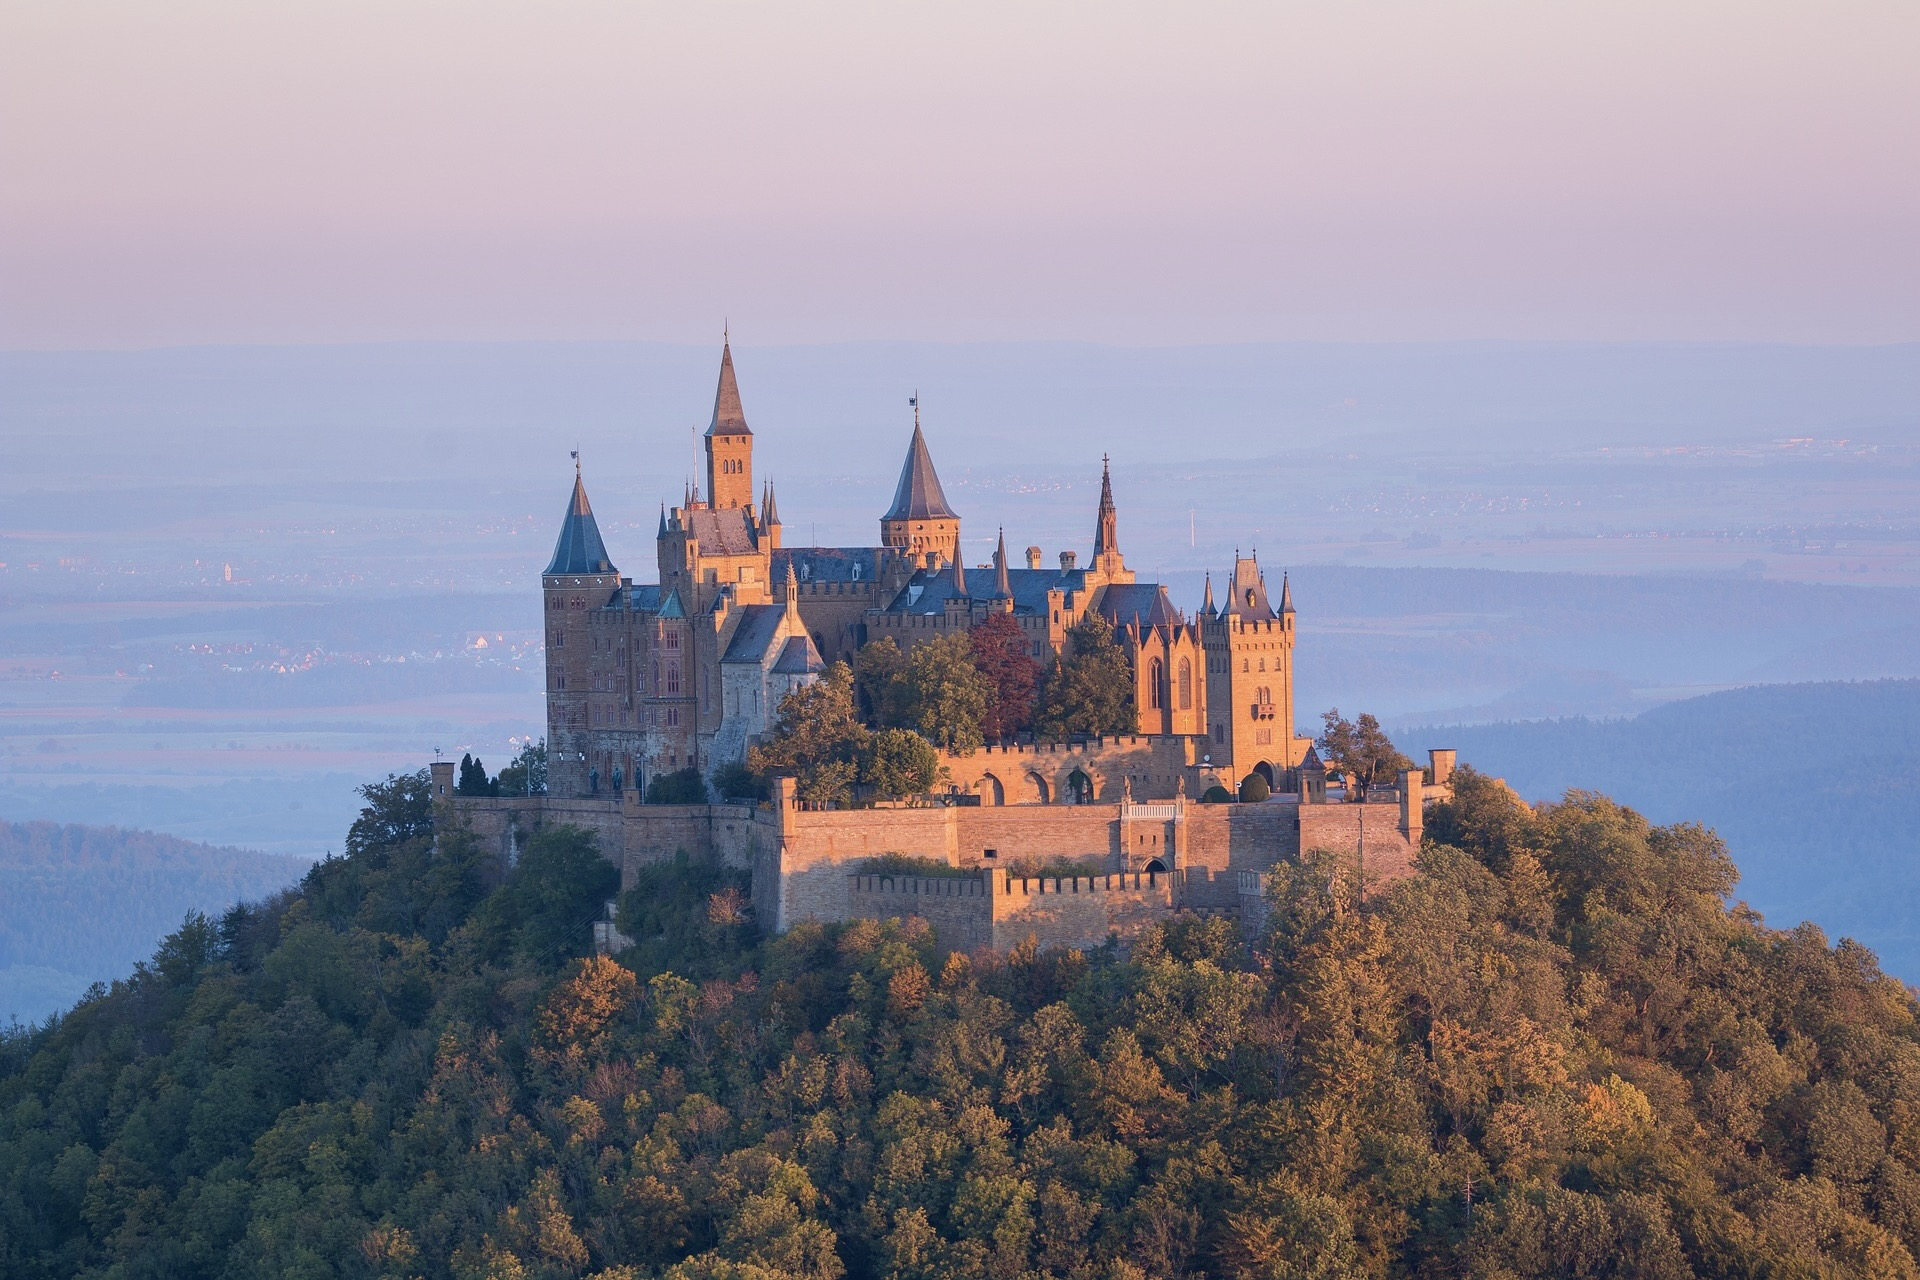 Die Burg Hohenzollern in Baden-Württemberg